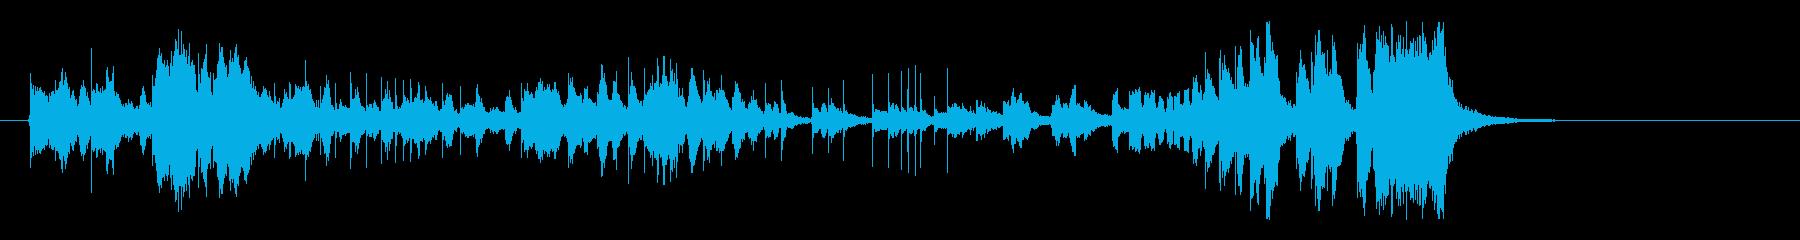 トムとジェリー風サントラ(最後の鐘なし)の再生済みの波形